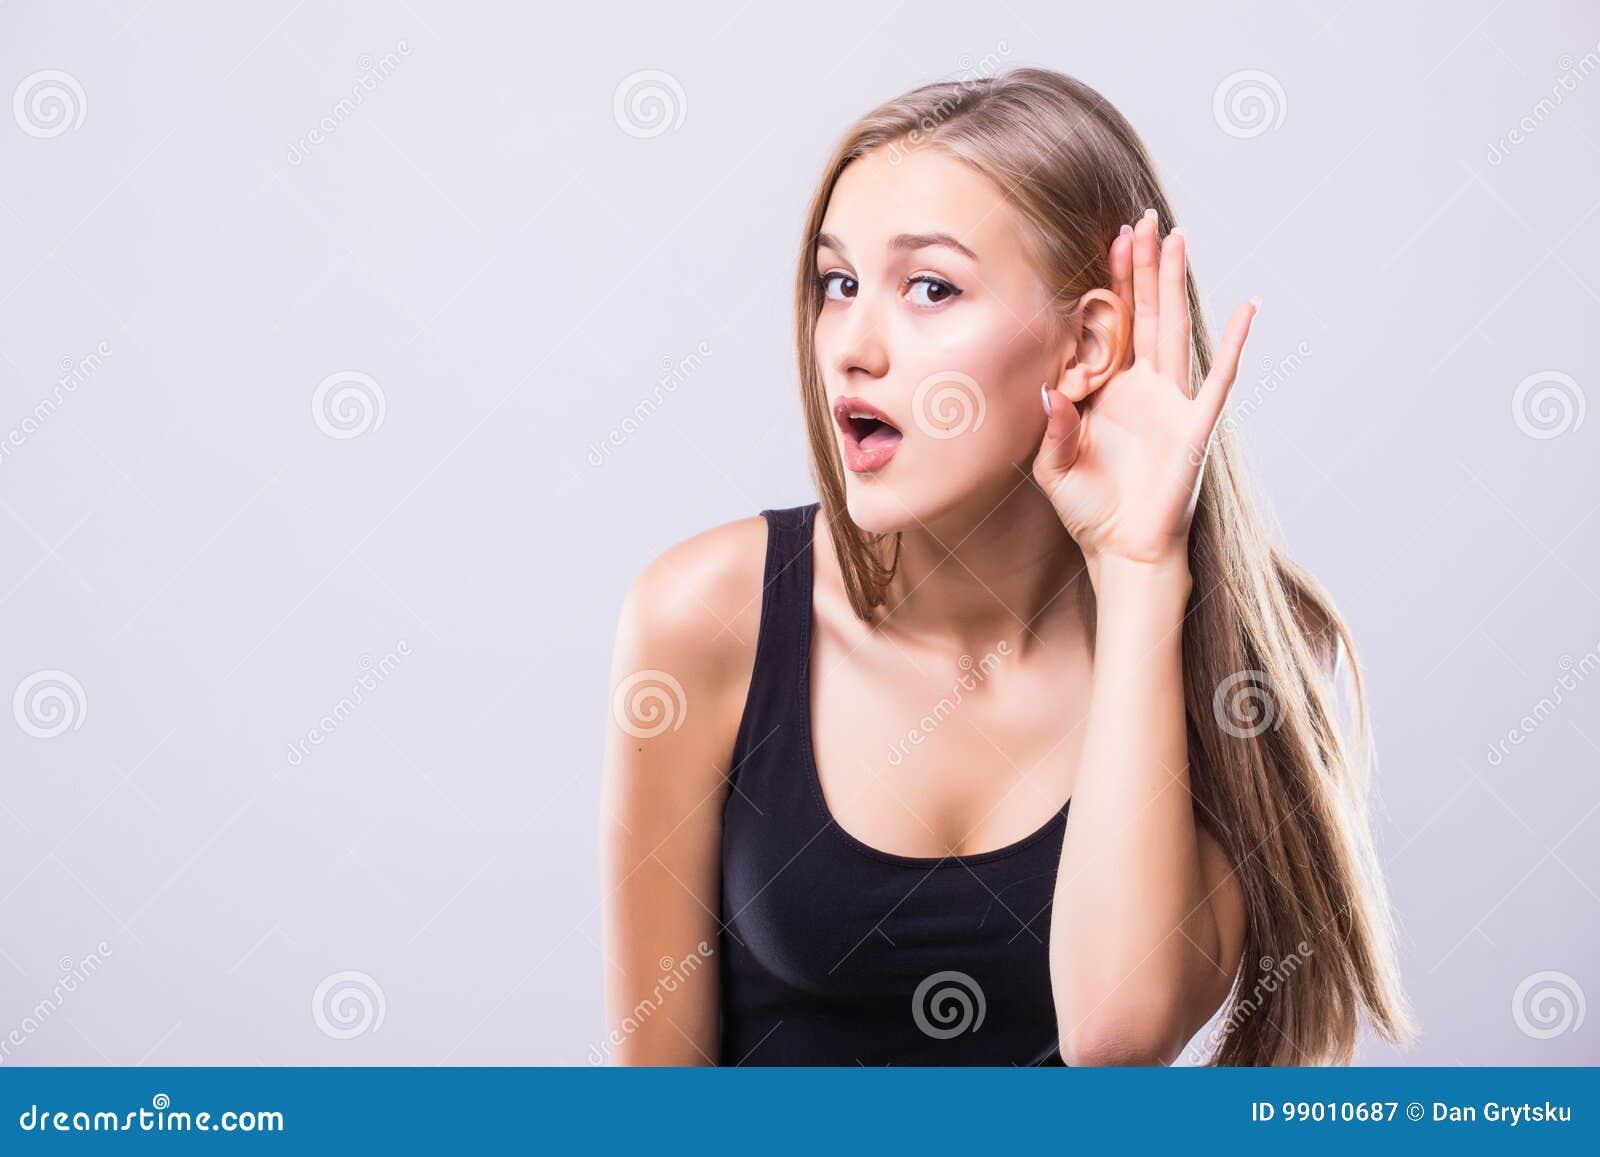 Slutet upp kvinna rymmer hennes hand nära gå i ax och lyssnar försiktigt isolerat på grå väggbakgrund Mänsklig sinnesrörelsekropp